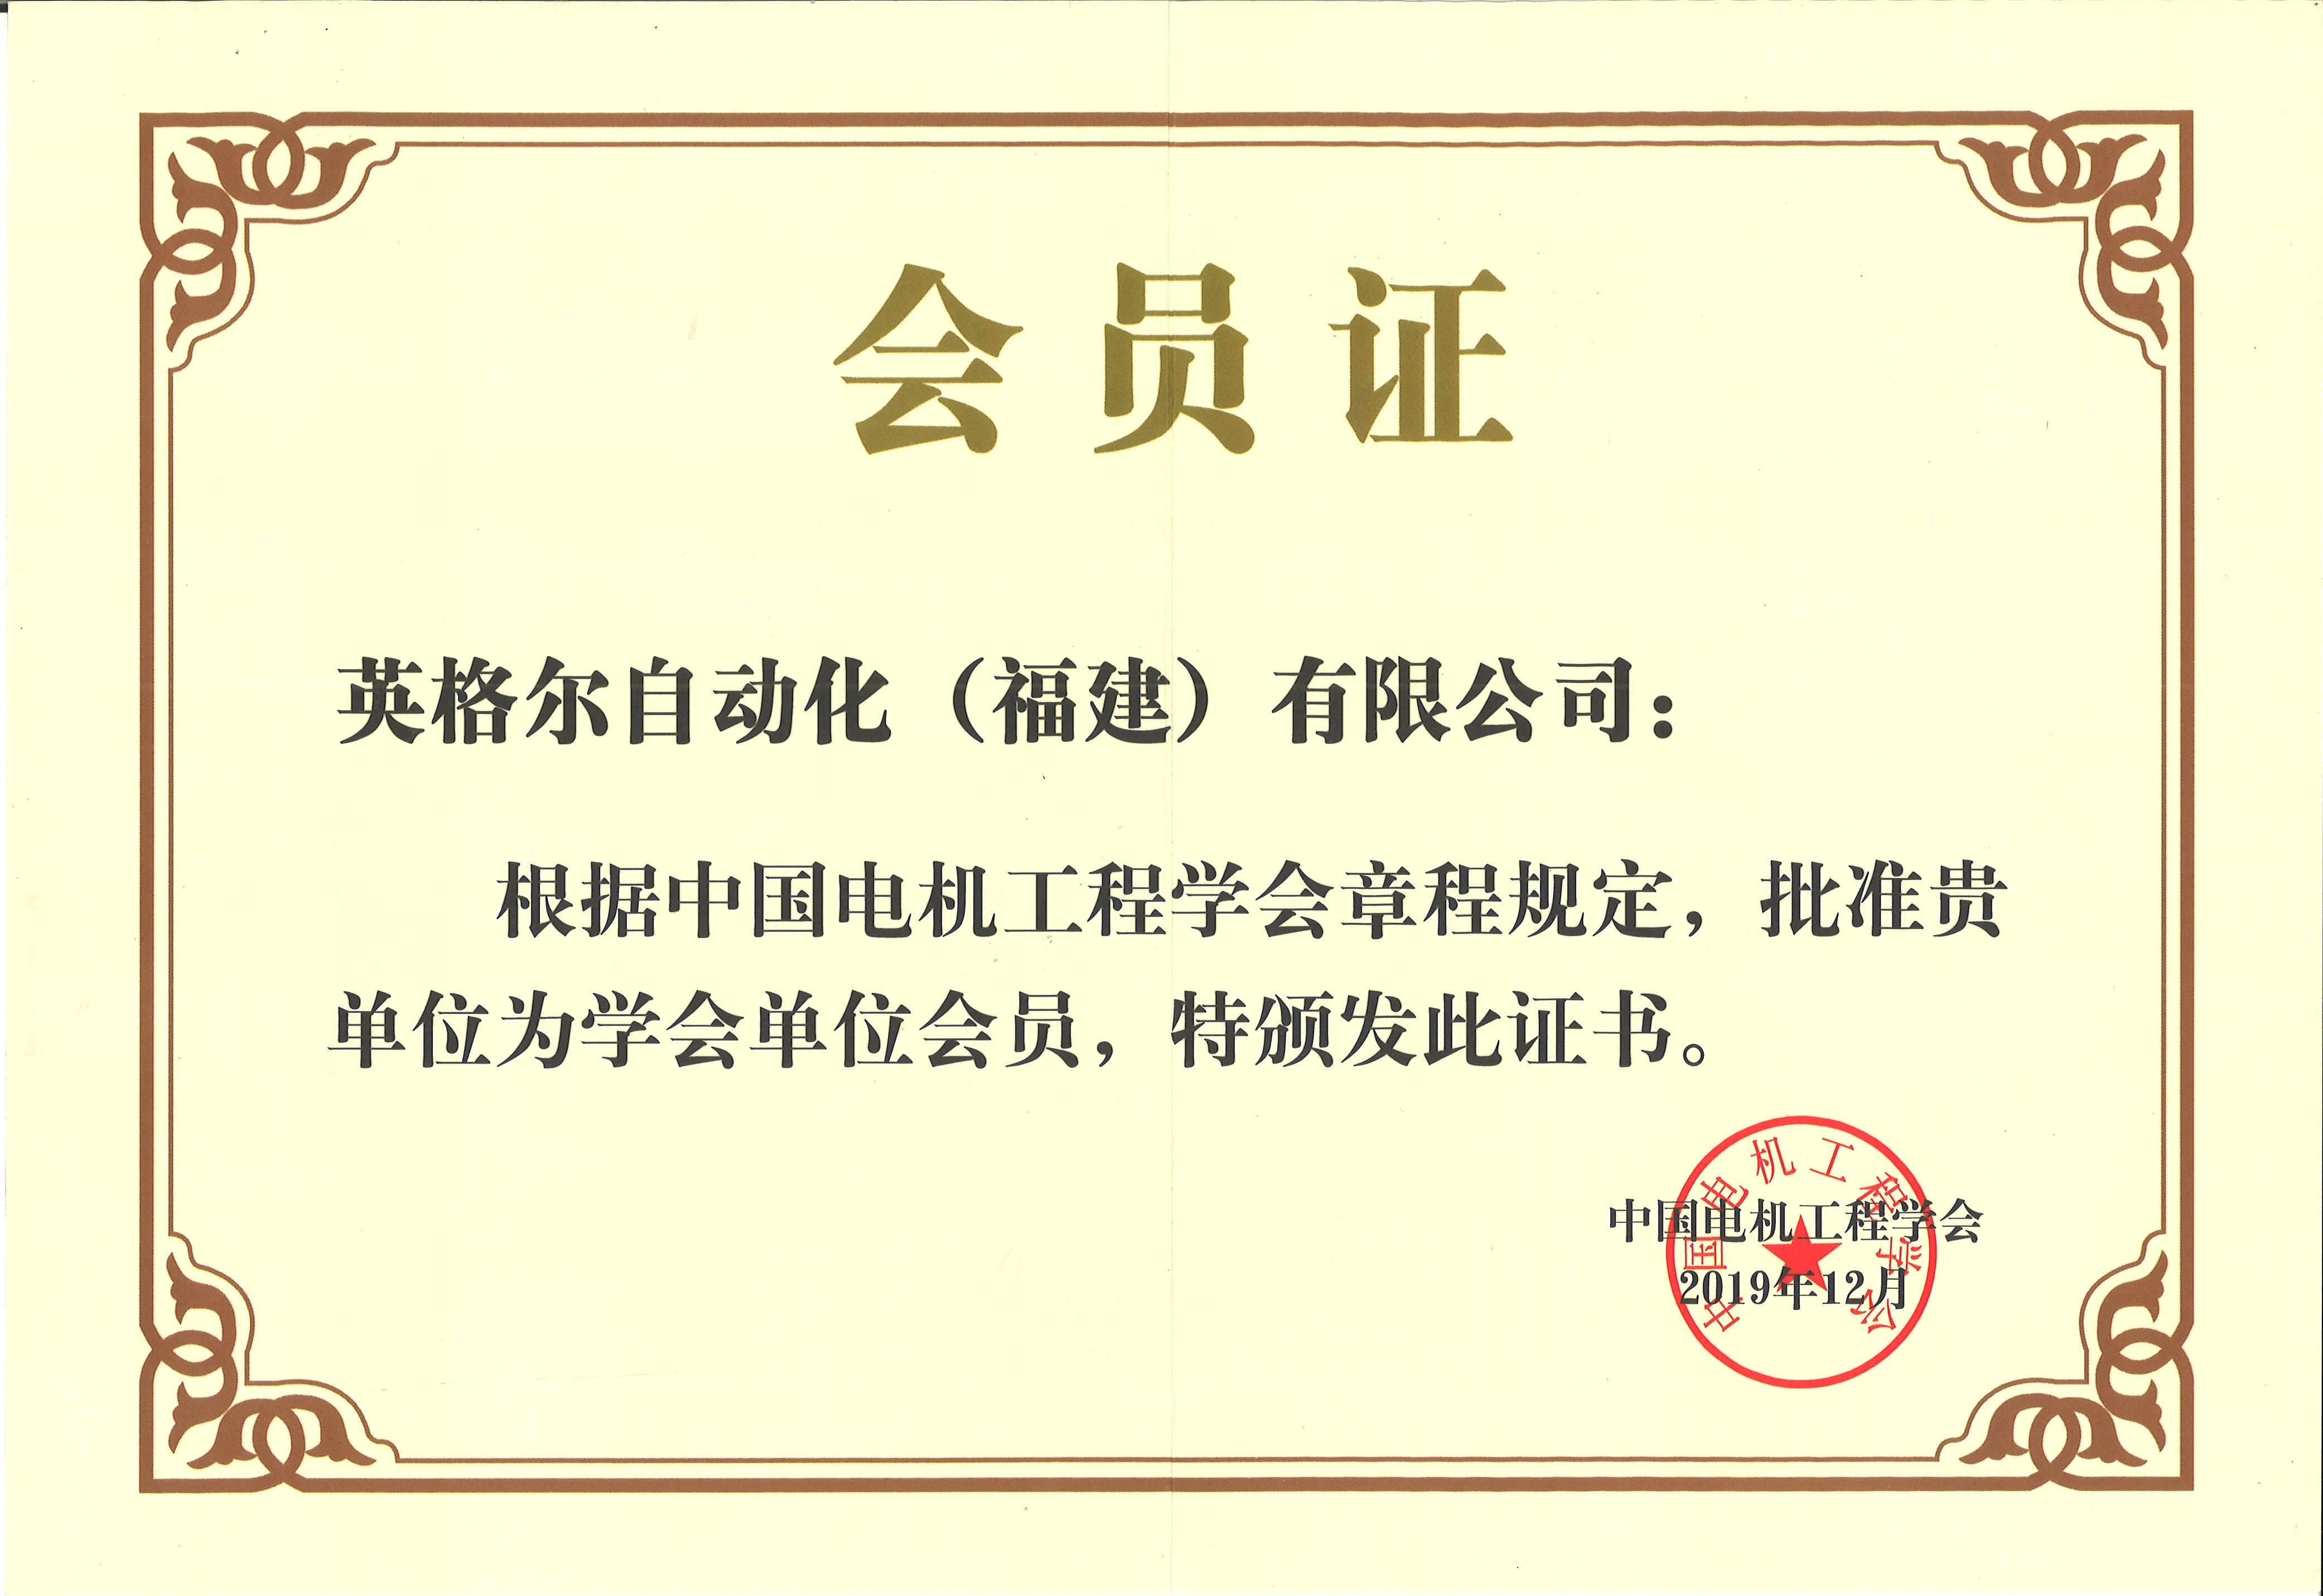 中國電機工程學會.jpg